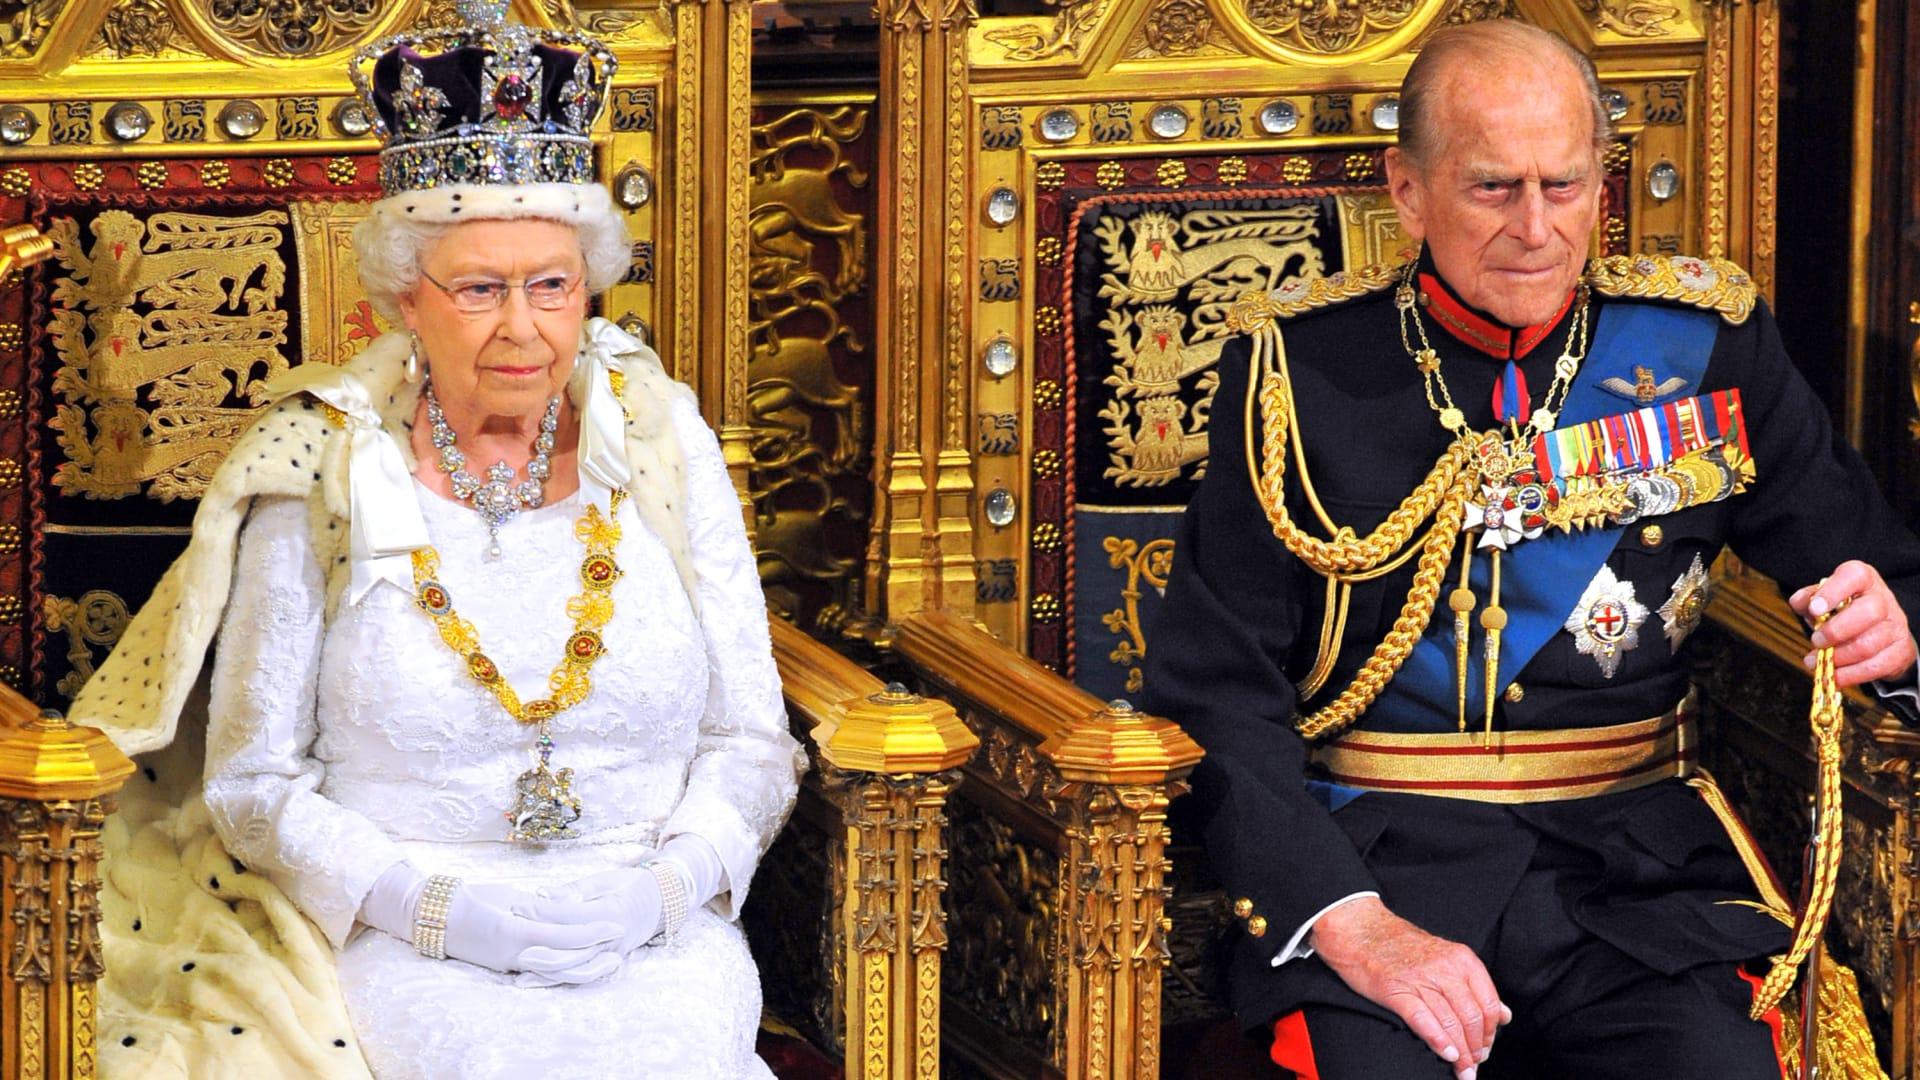 قصر باكنغهام: وفاة الأمير فيليب زوج الملكة إليزابيث عن عمر 99 عاما